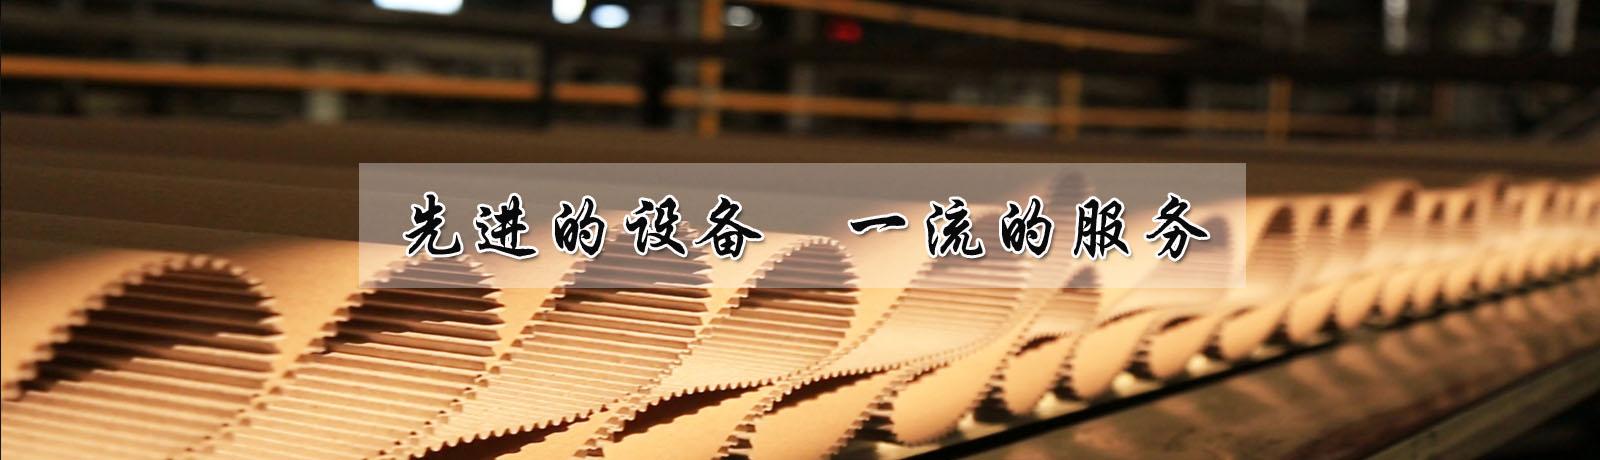 郑州中宇包装材料有限公司